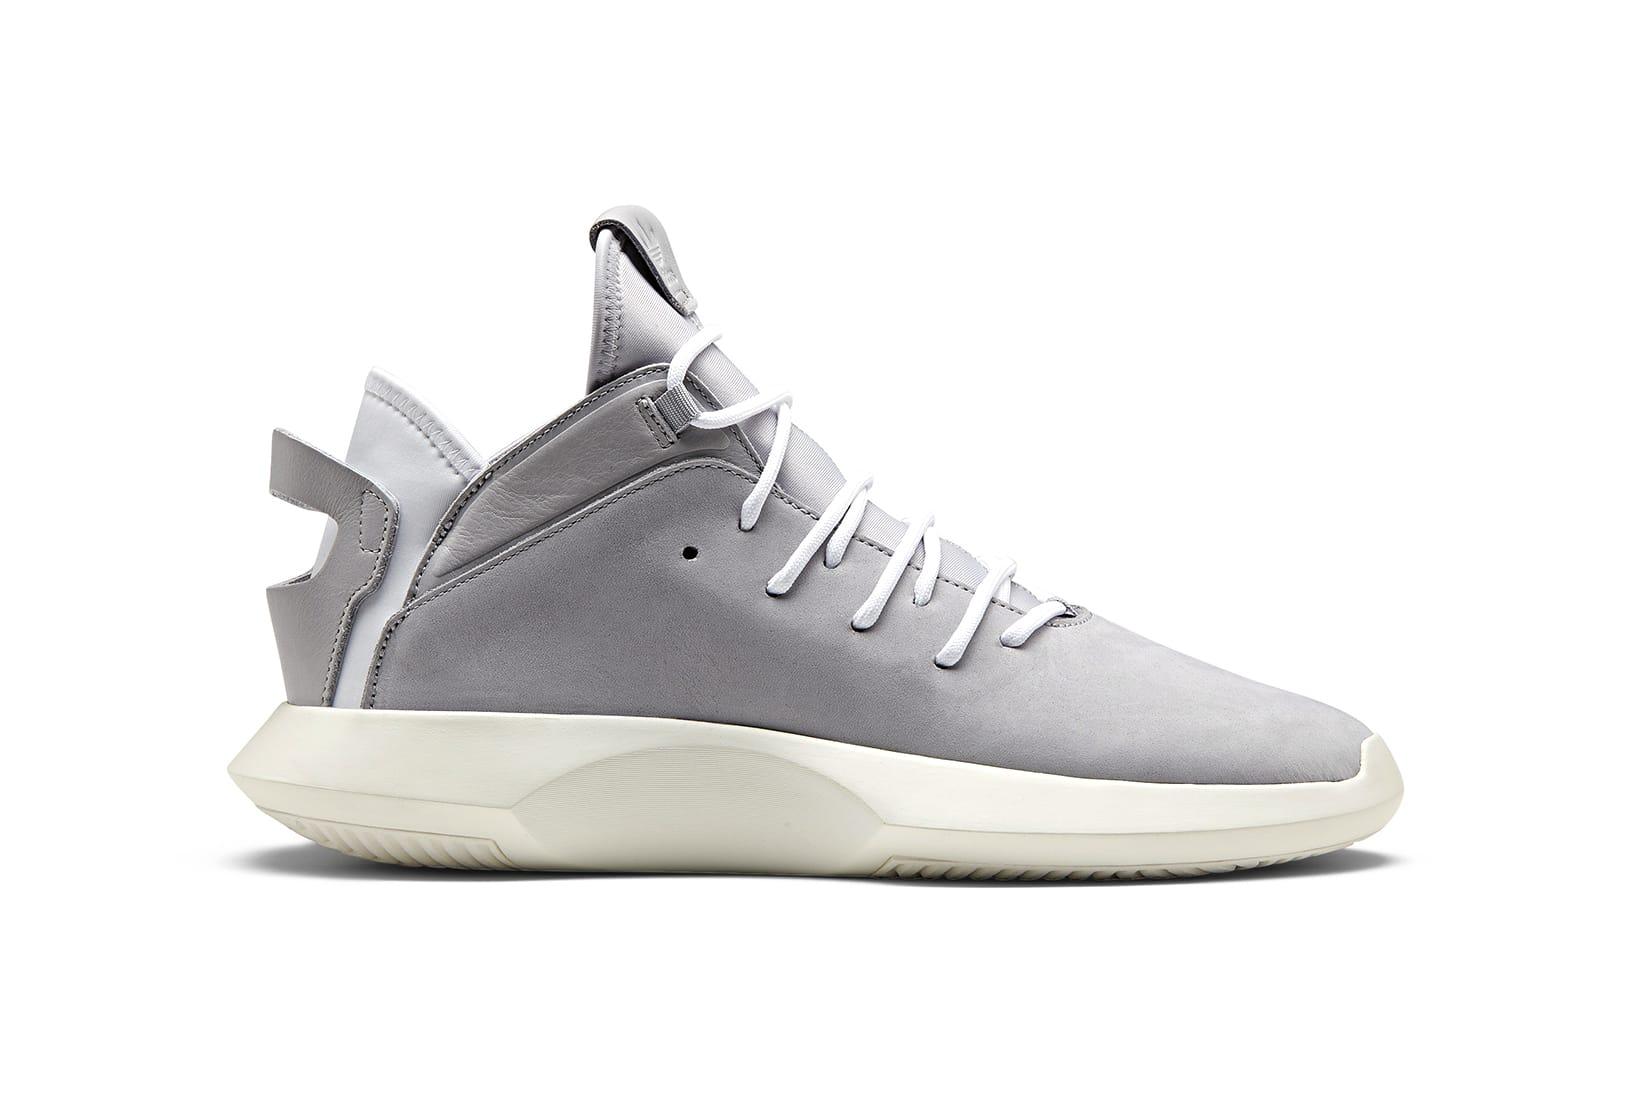 adidas Originals Crazy 1 ADV in Grey